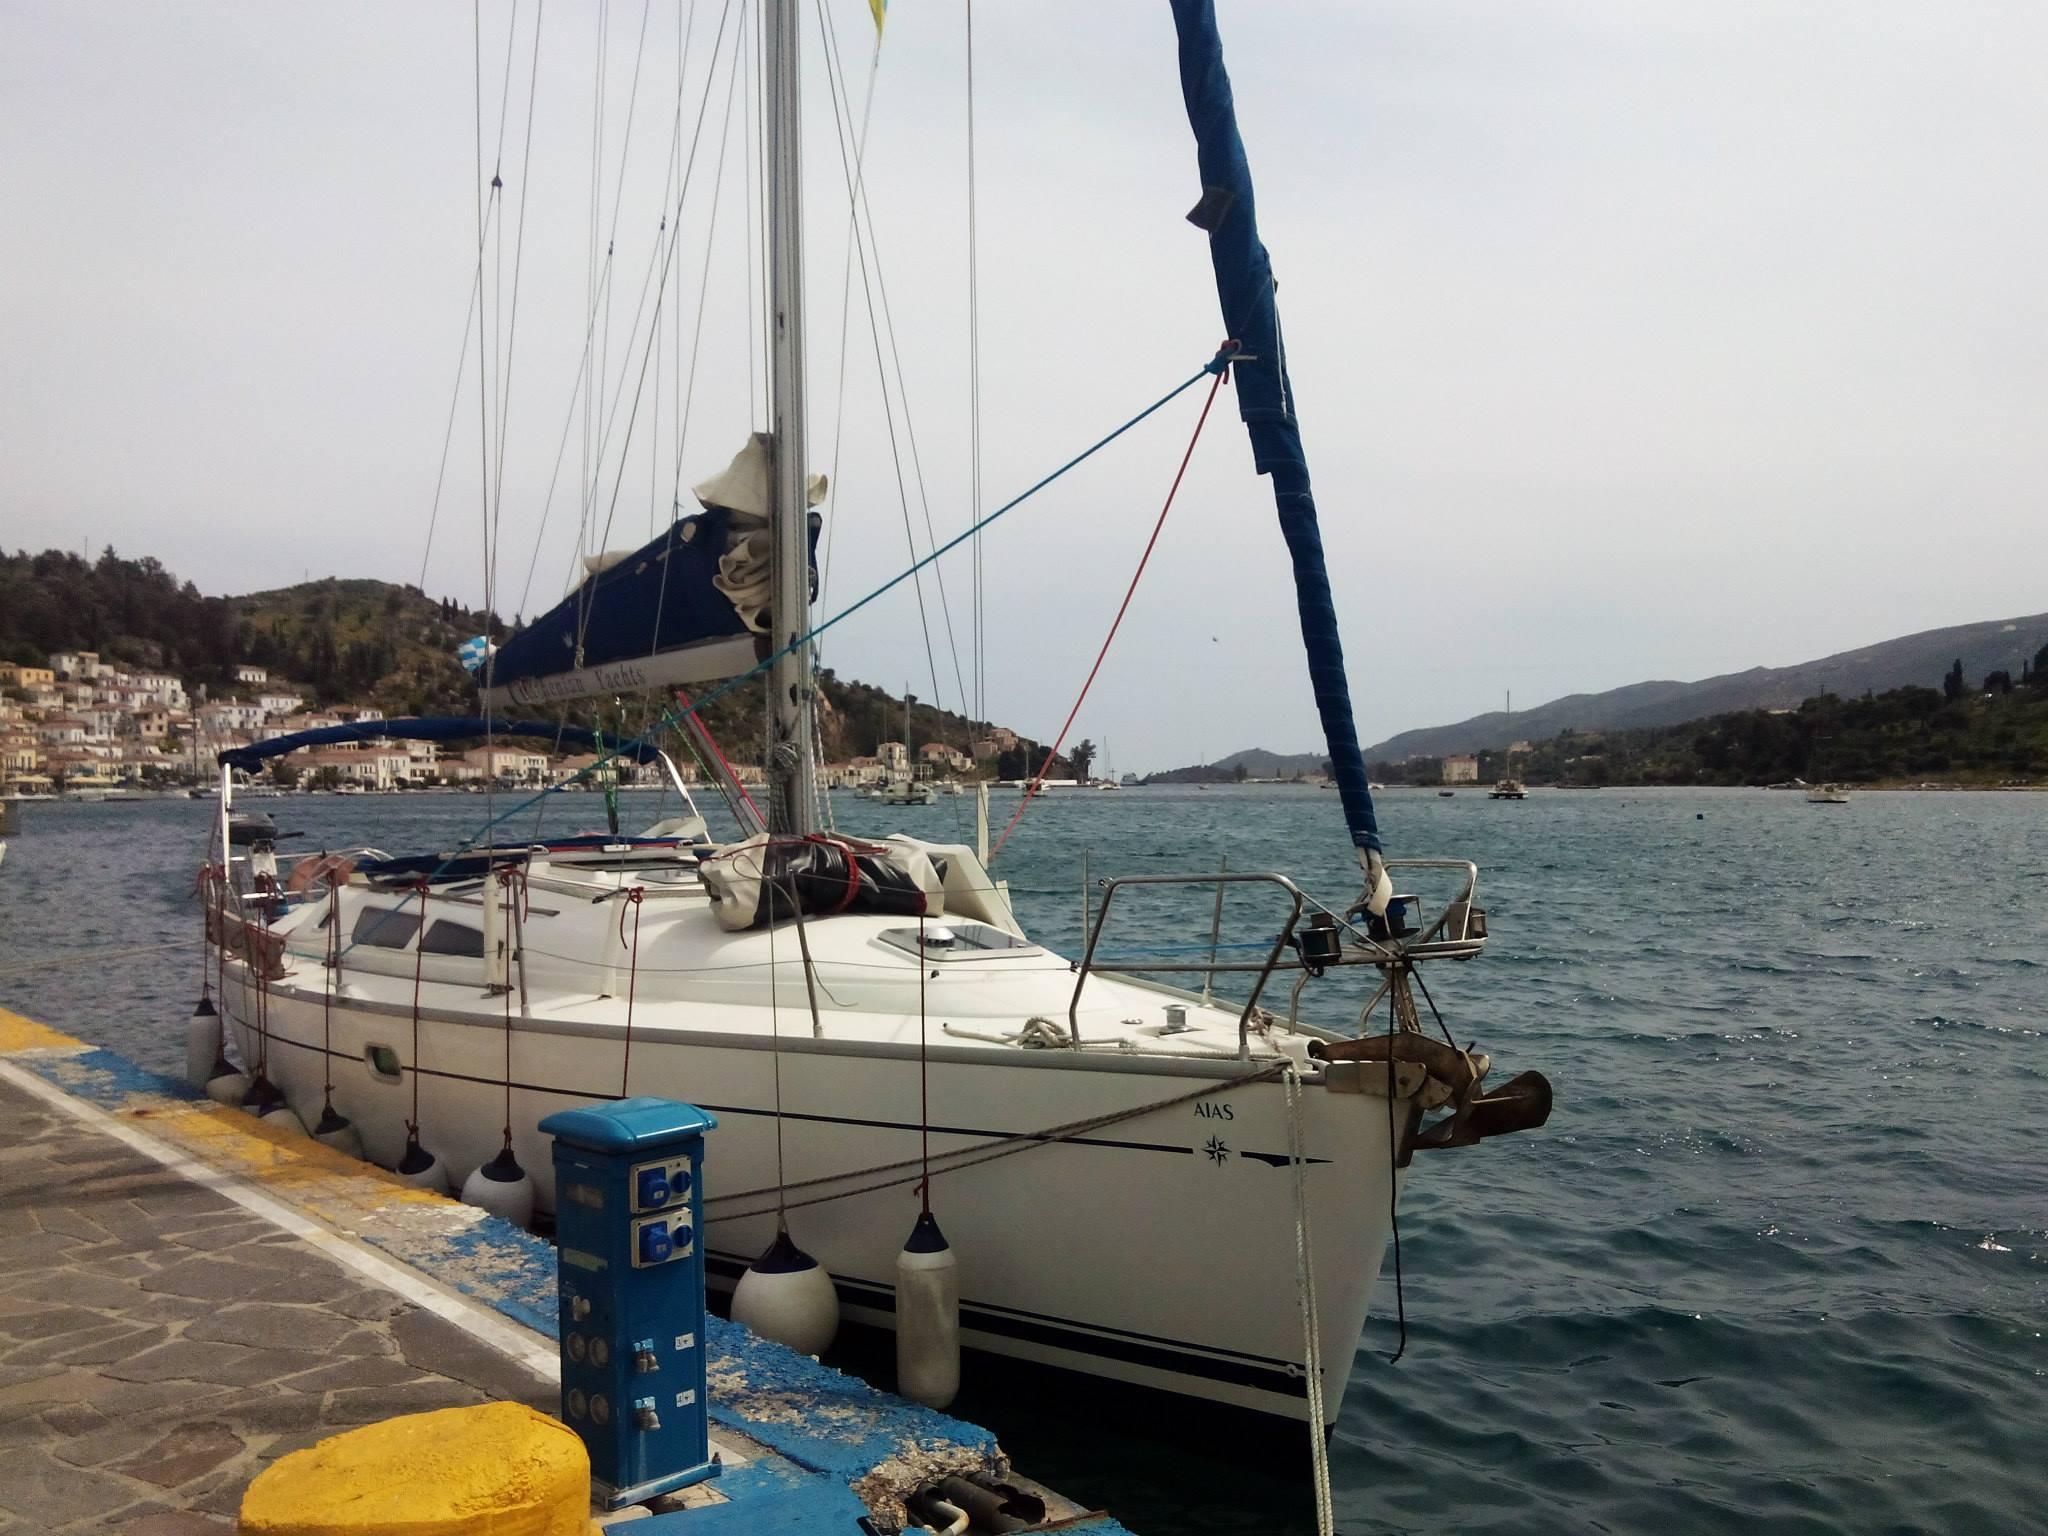 Jeanneau Sun Odyssey 40 Aias